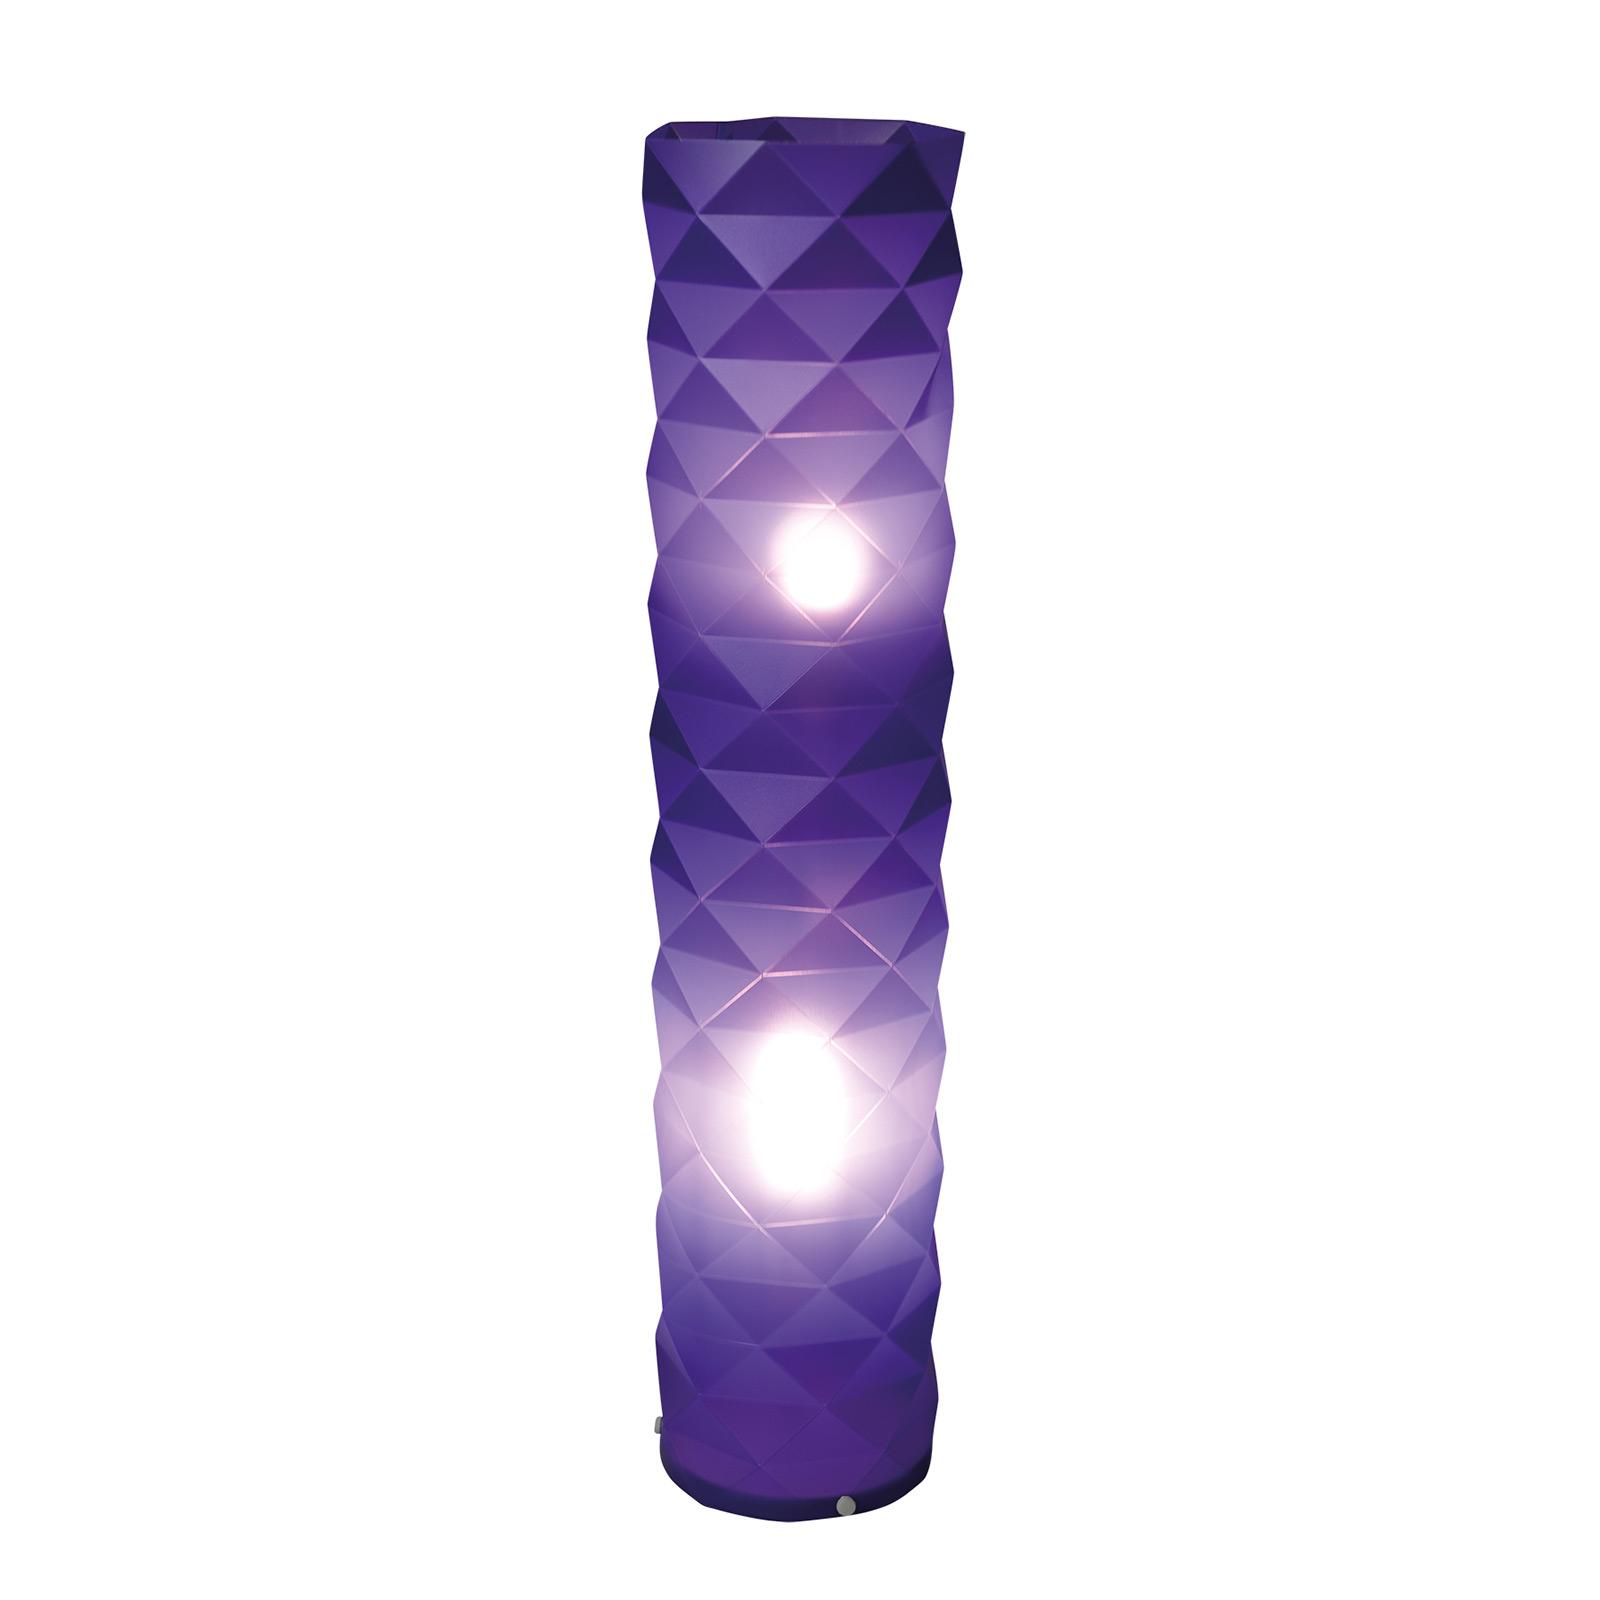 Vloerlamp Elia in paars met voetschakelaar